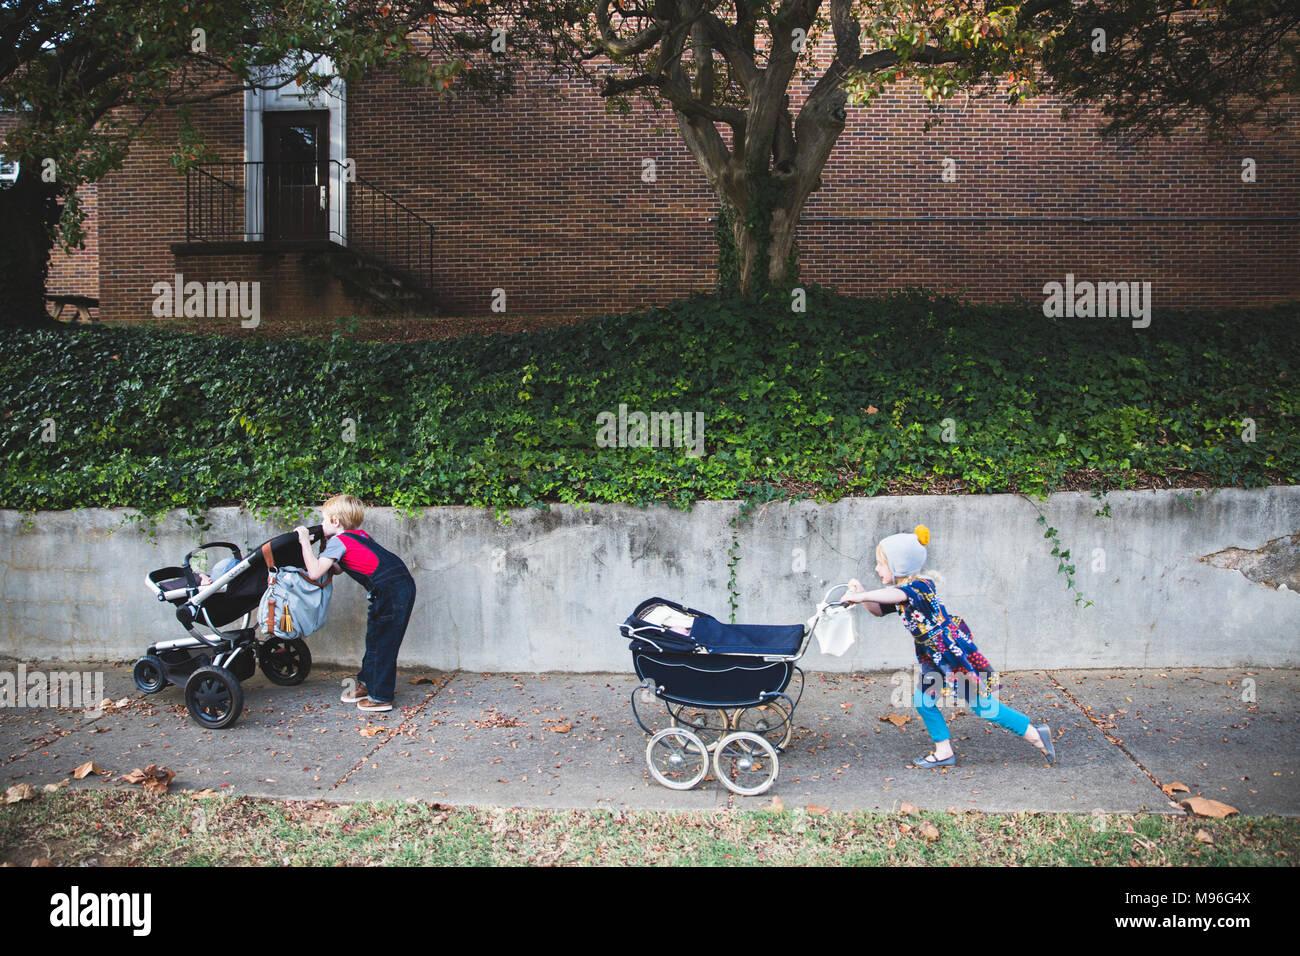 Los niños empujando cochecitos de niño en la calle Imagen De Stock